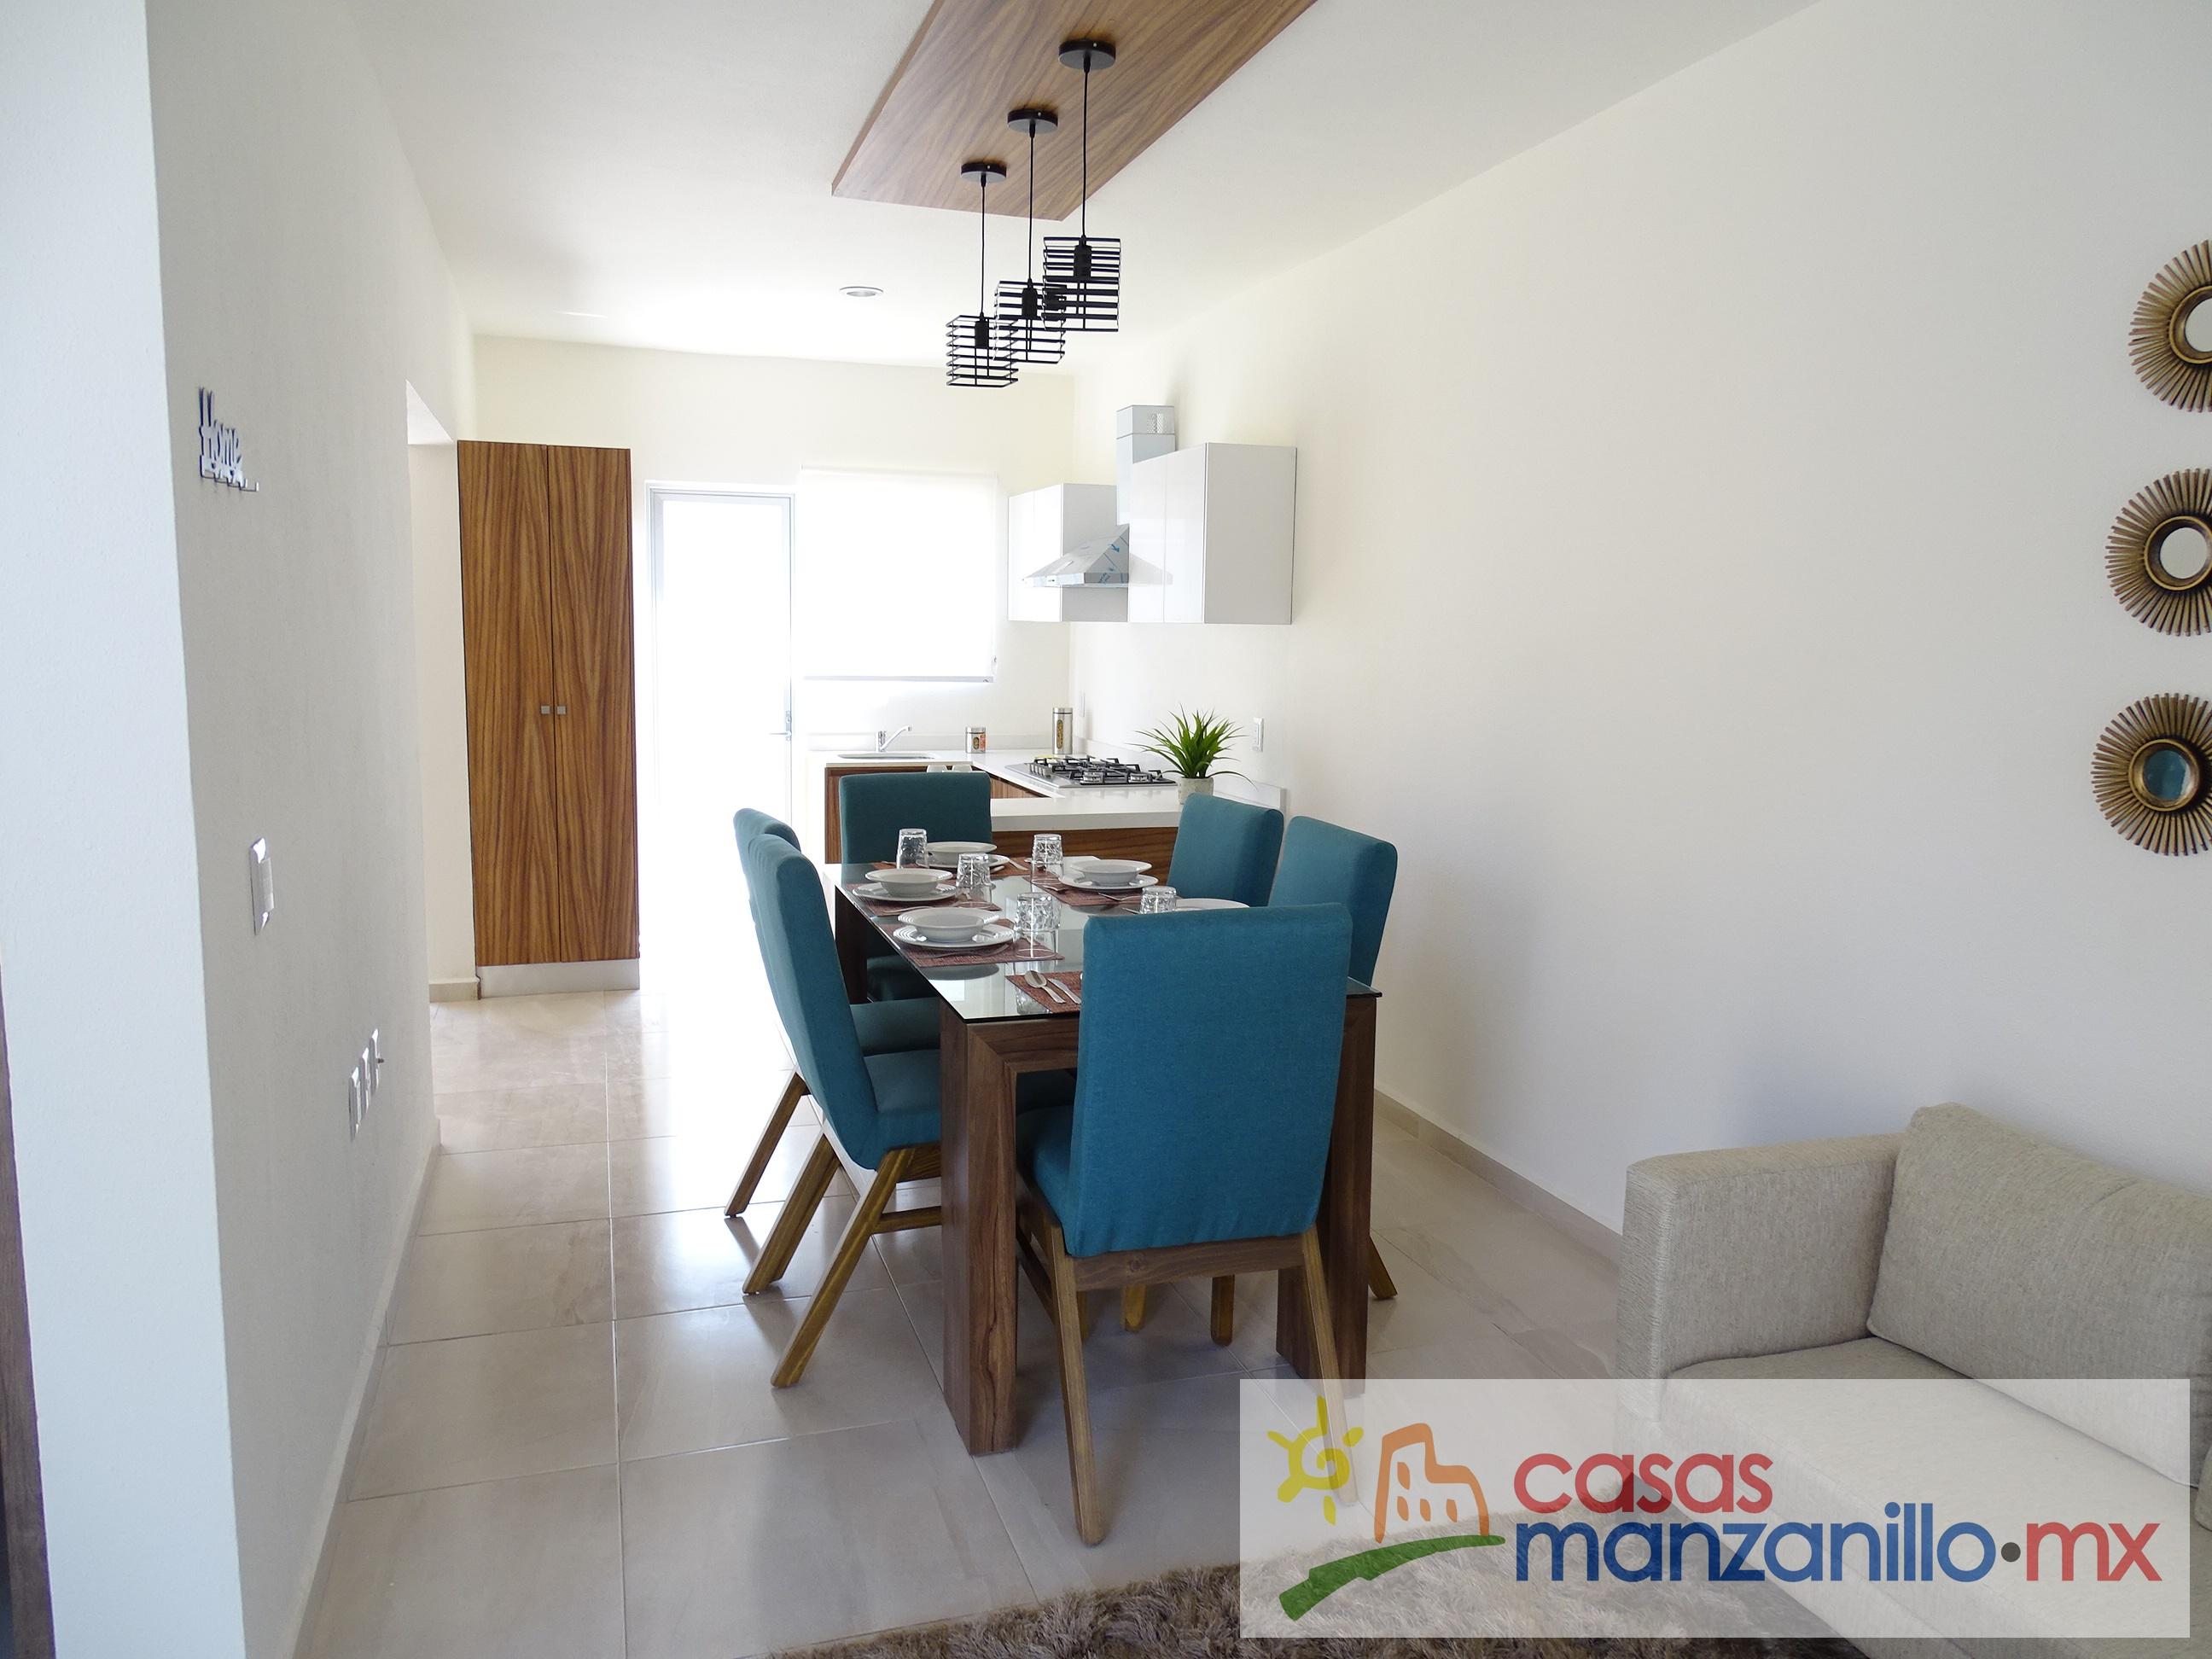 Casas VENTA Manzanillo - Punta Arena (6)